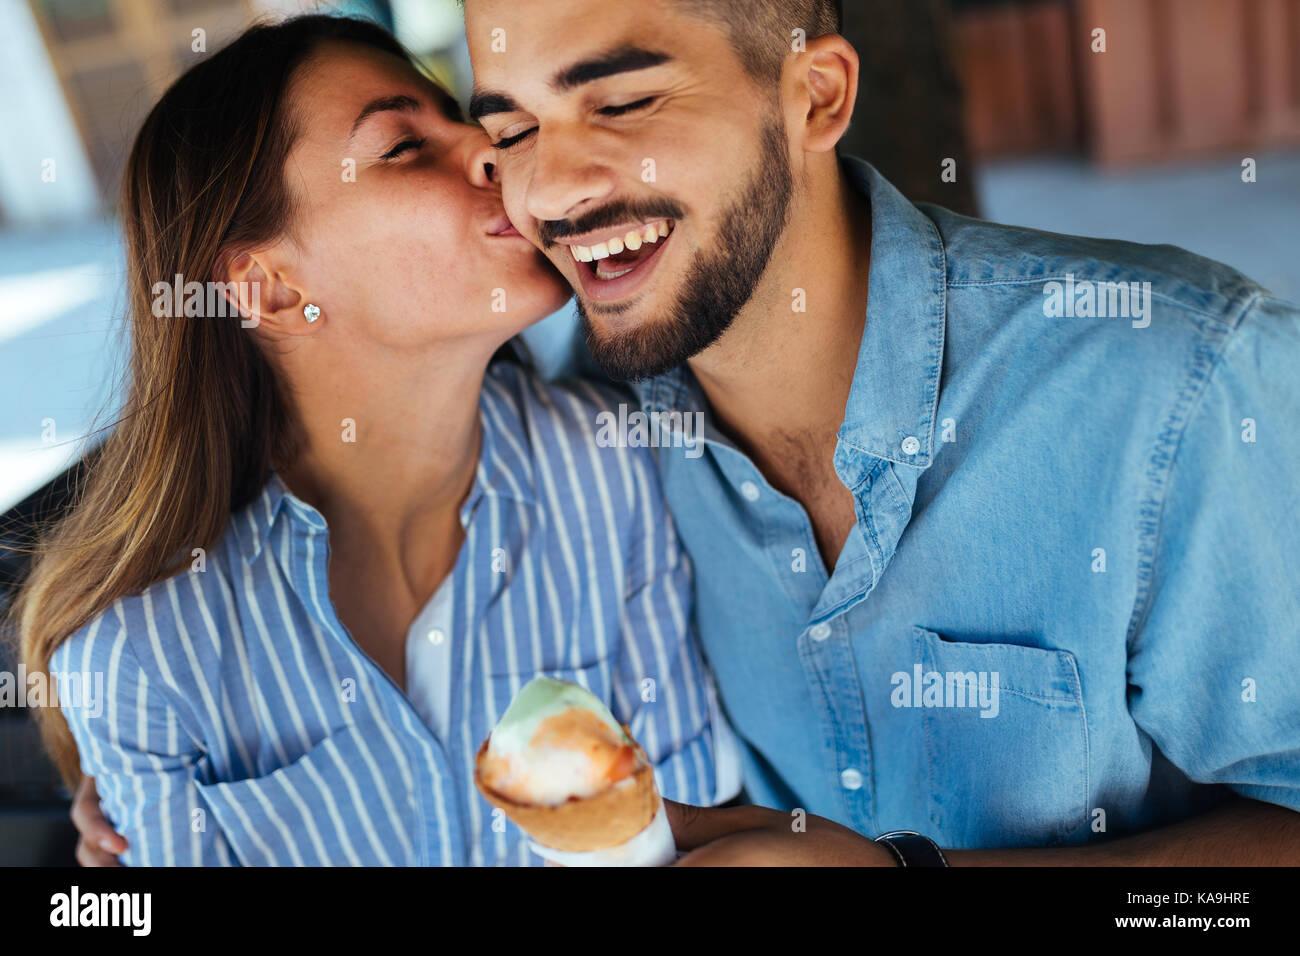 Glückliches Paar in Datum und Eis essen Stockbild